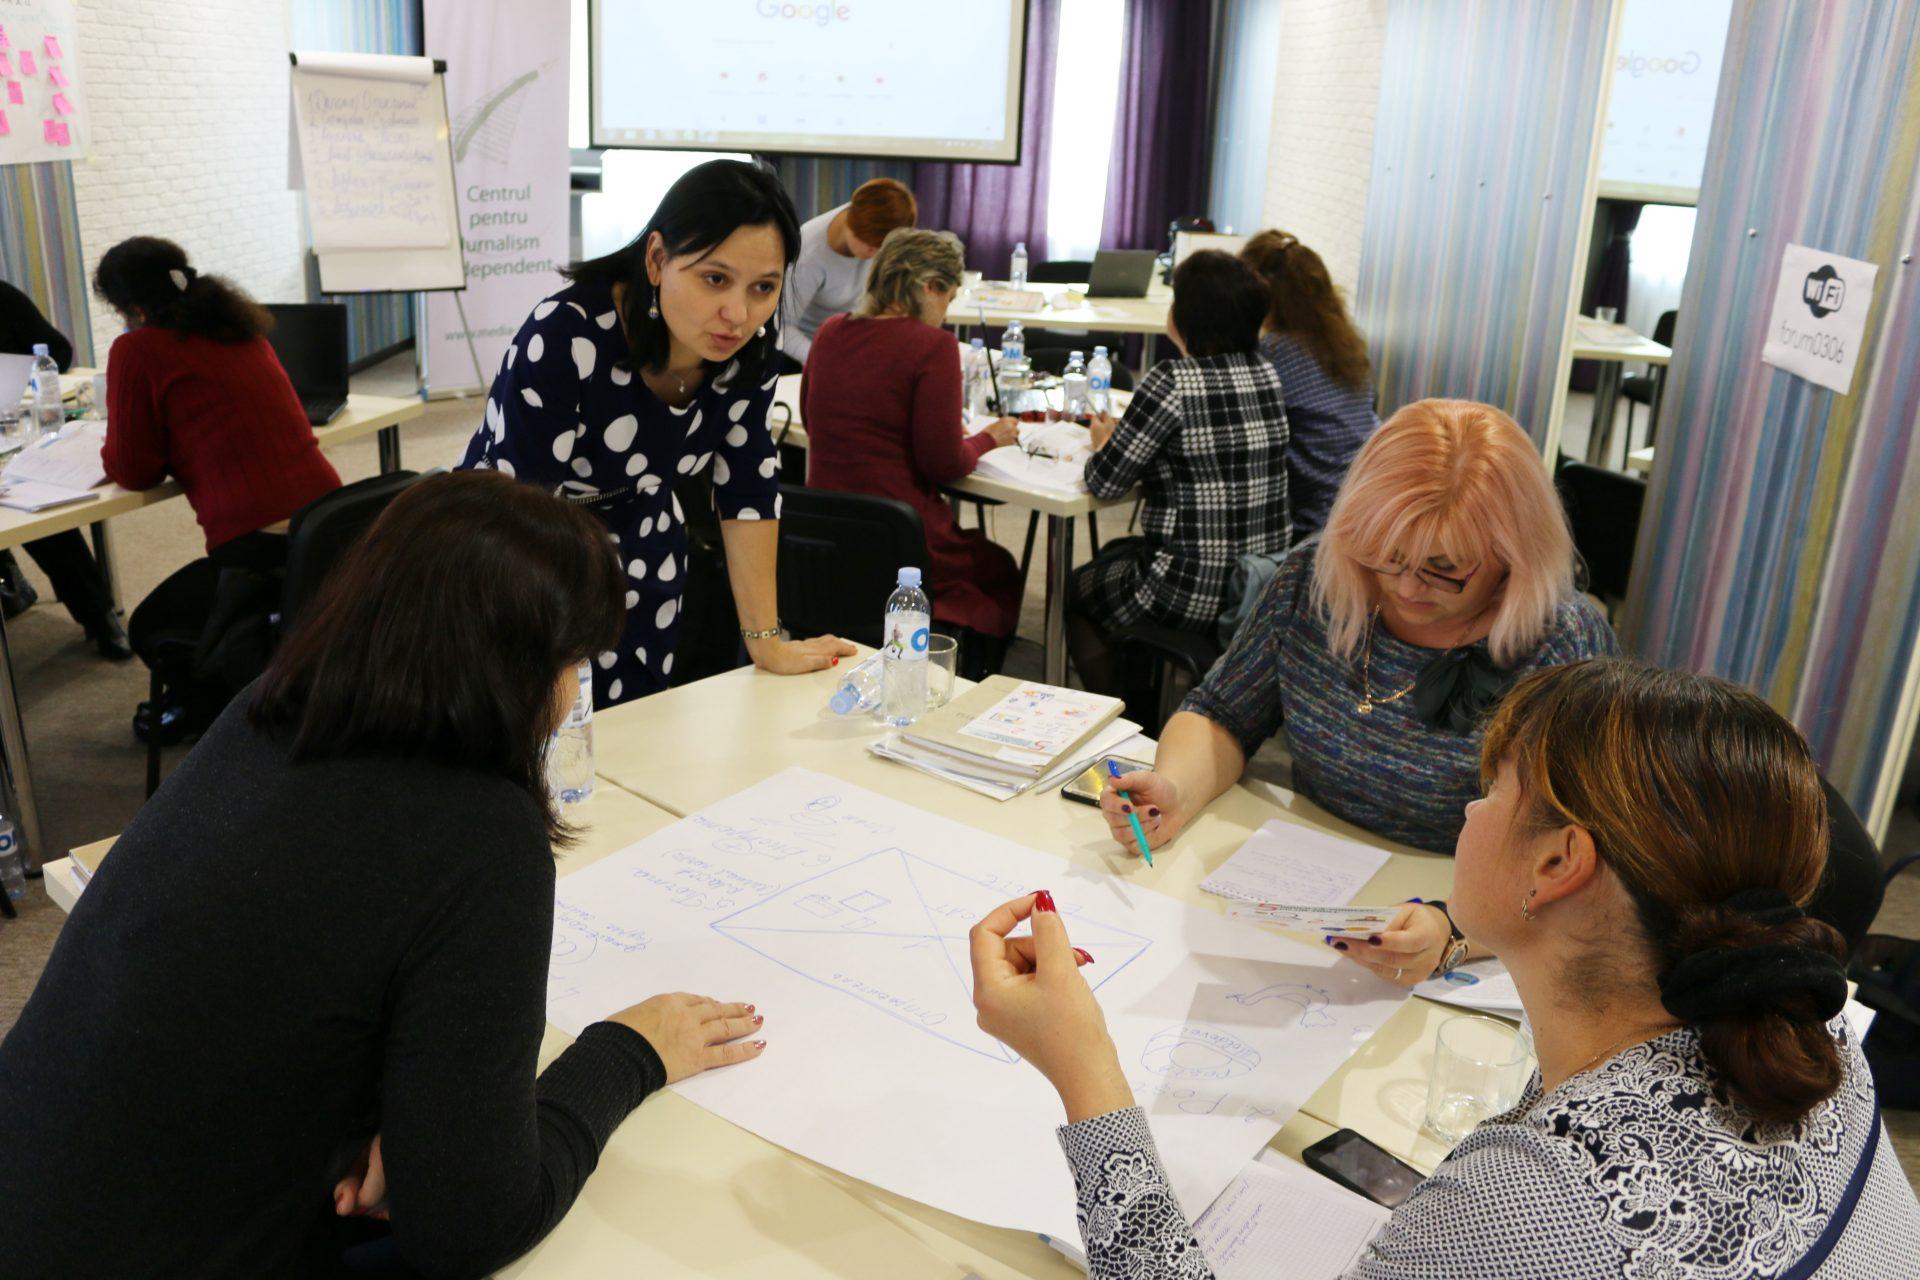 ЦНЖ организует первый тренинг в области медиаобразования в Бэлць. Целевая группа: педагоги северных районов страны, преподающих на русском языке